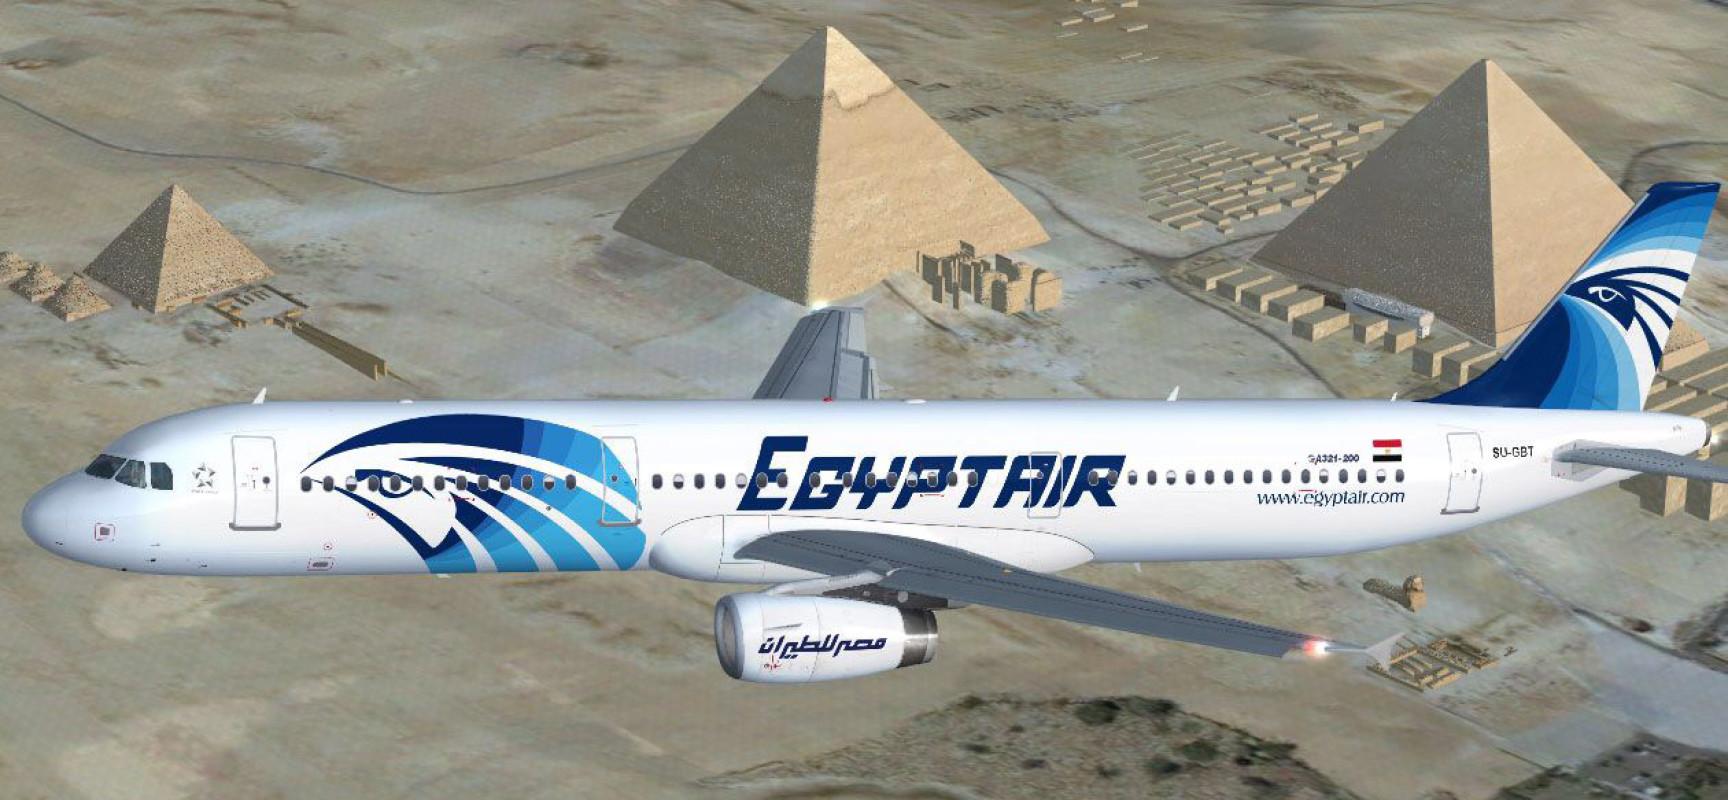 Vol MS804 d'Egyptair : Une rencontre inopinée dans le ciel Méditerranéen ?